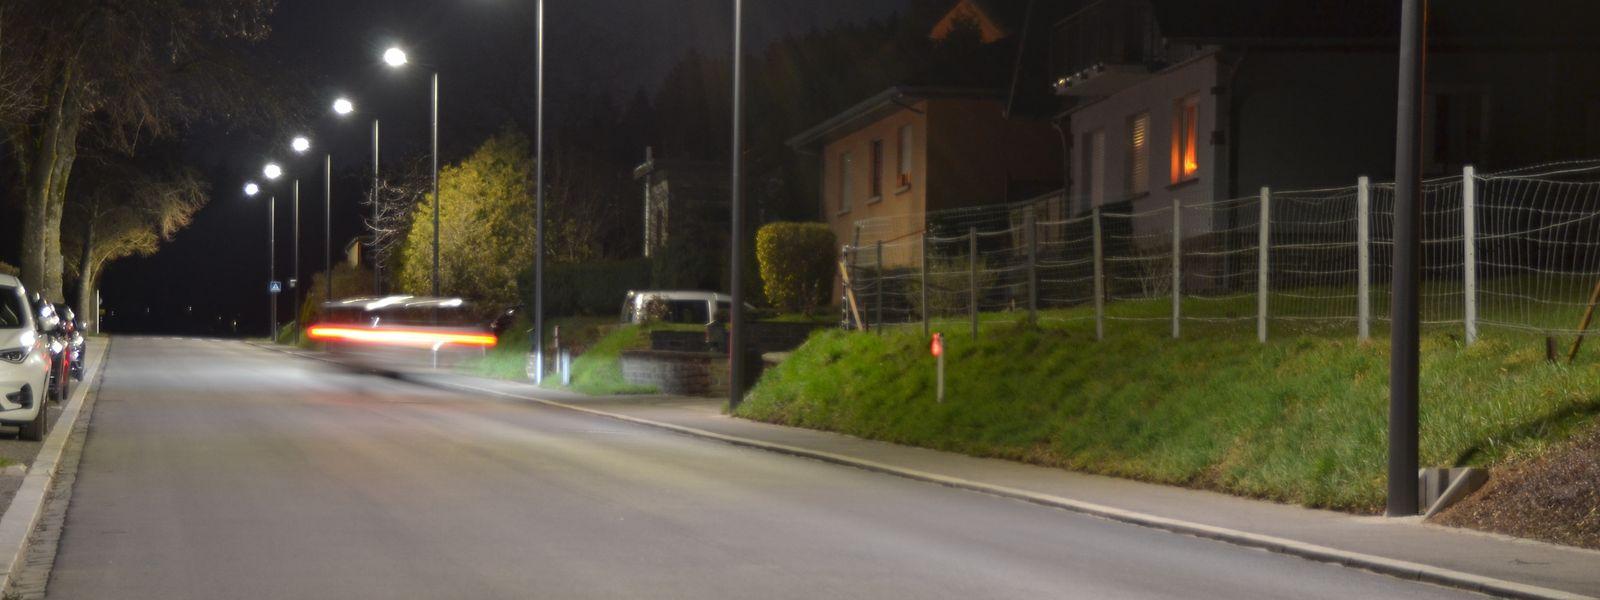 Eine durchgehende, gleichmäßige Beleuchtung bei geringerer Helligkeit soll angestrebt werden, wie in diesem Beispiel in Grosbous.